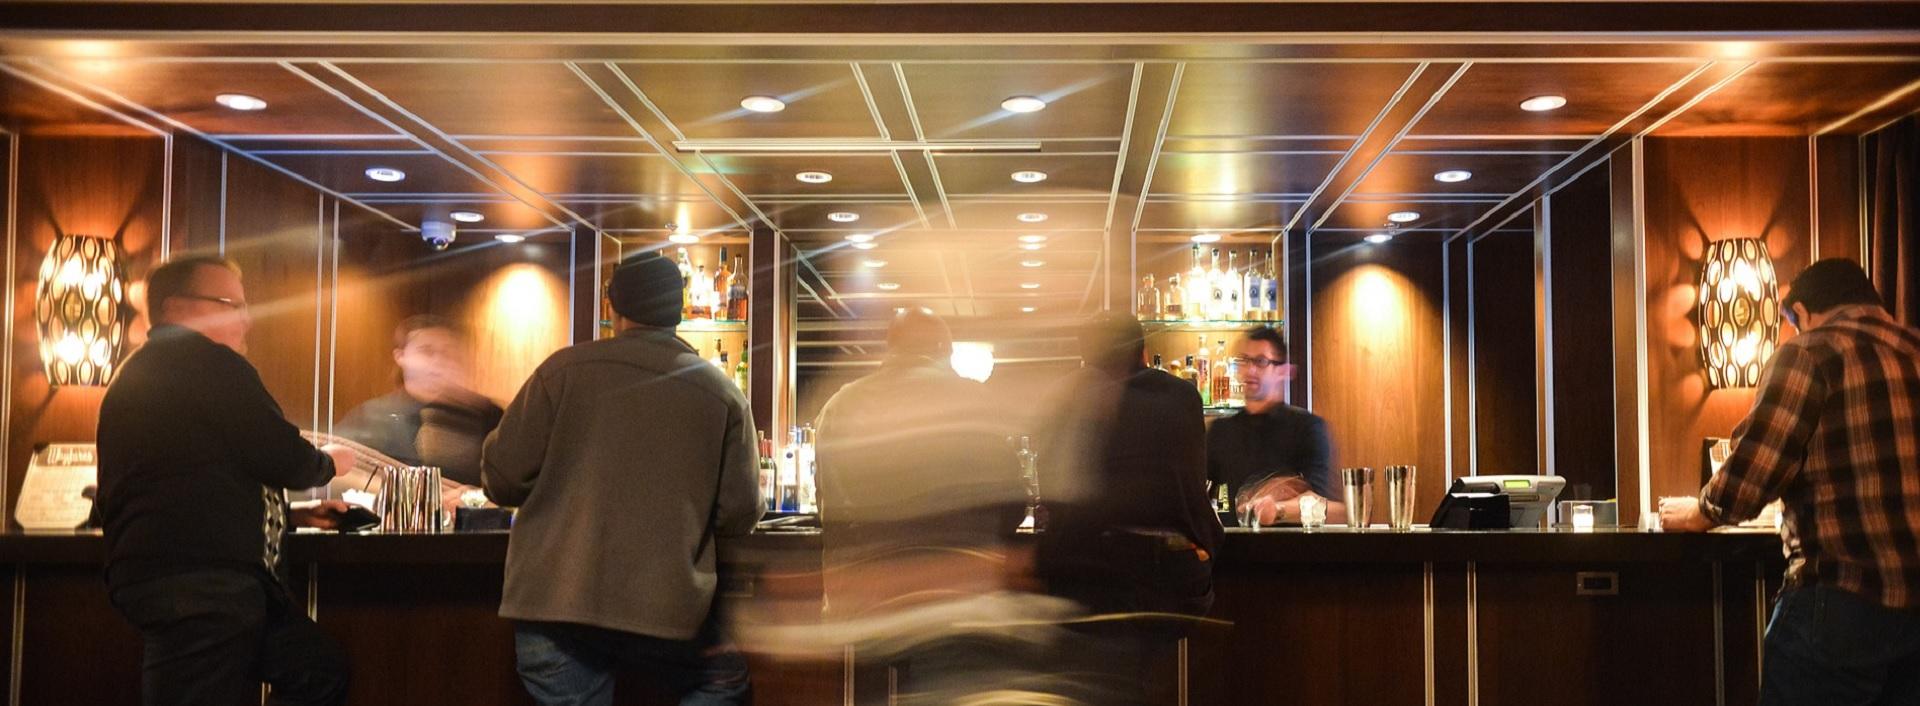 Découvrez le métier de Chef Barman avec Anifor, cnetere de formation professionnelle du Valais